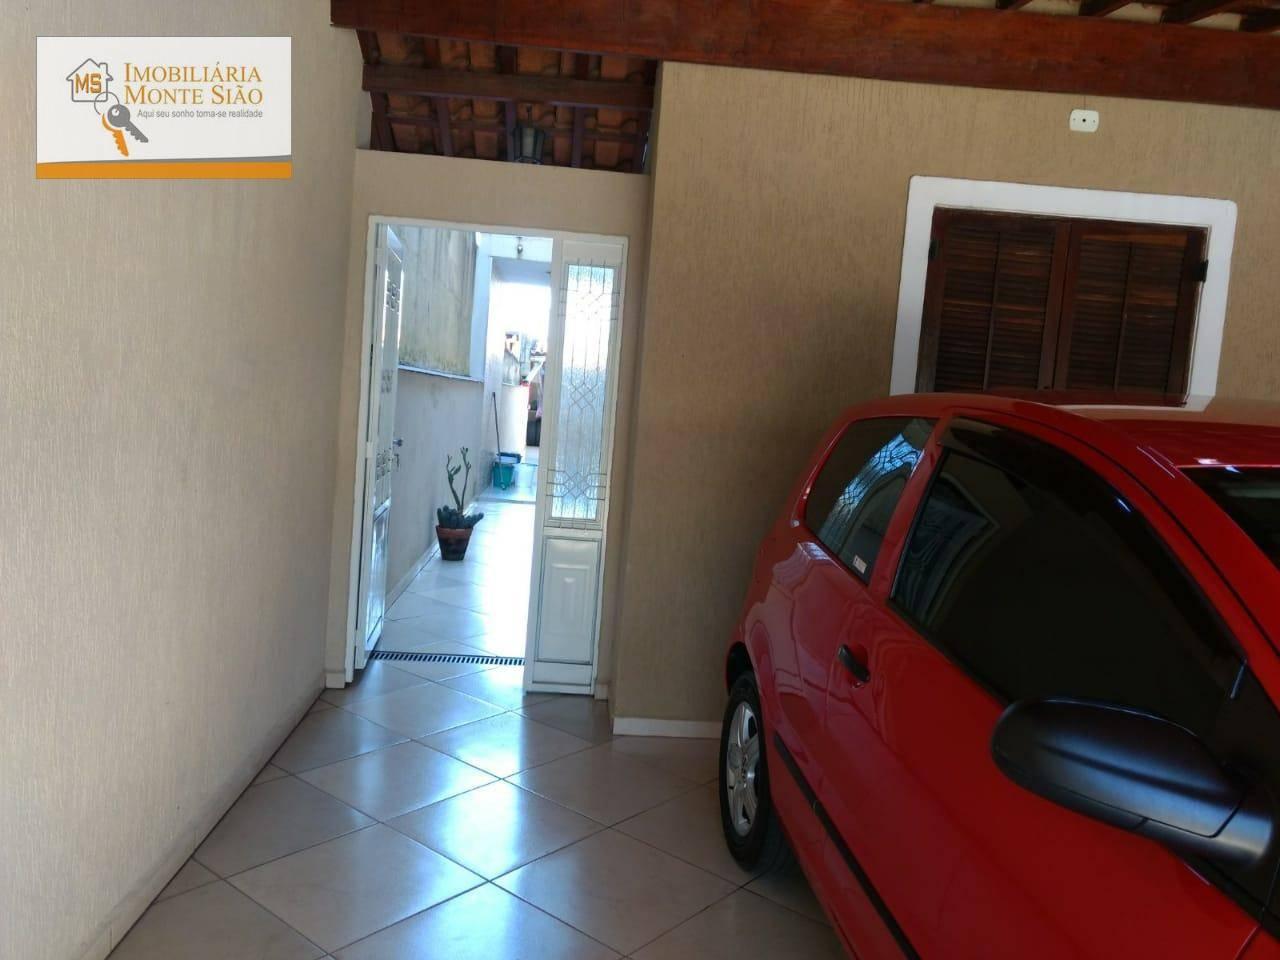 Casa com 2 dormitórios à venda, 94 m² por R$ 371.000,00 - Jardim Santa Clara - Guarulhos/SP